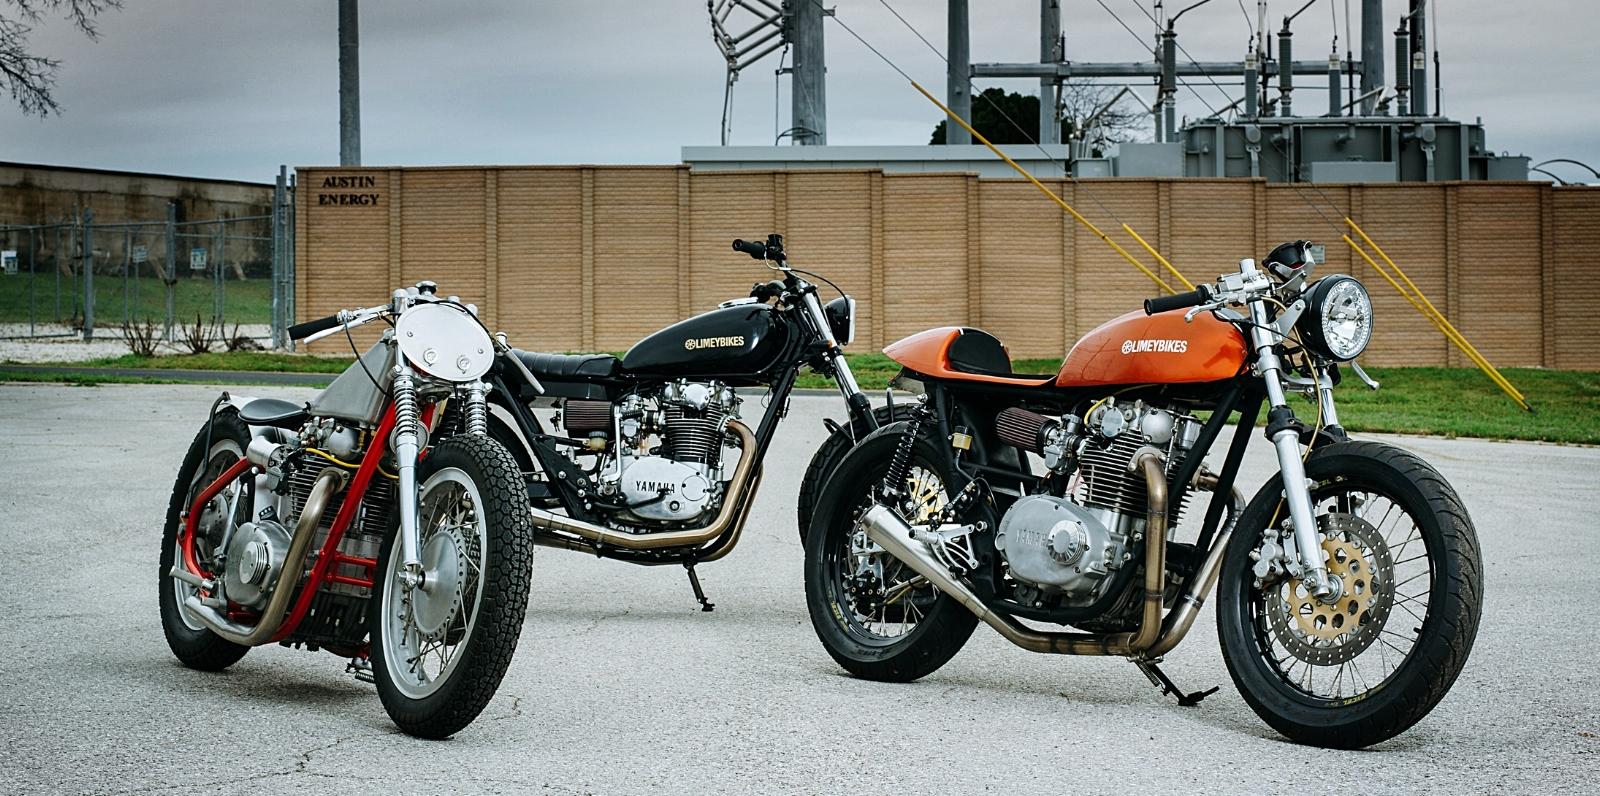 Limey Bikes Vintage Japanese Motorcycle Repair & Builds